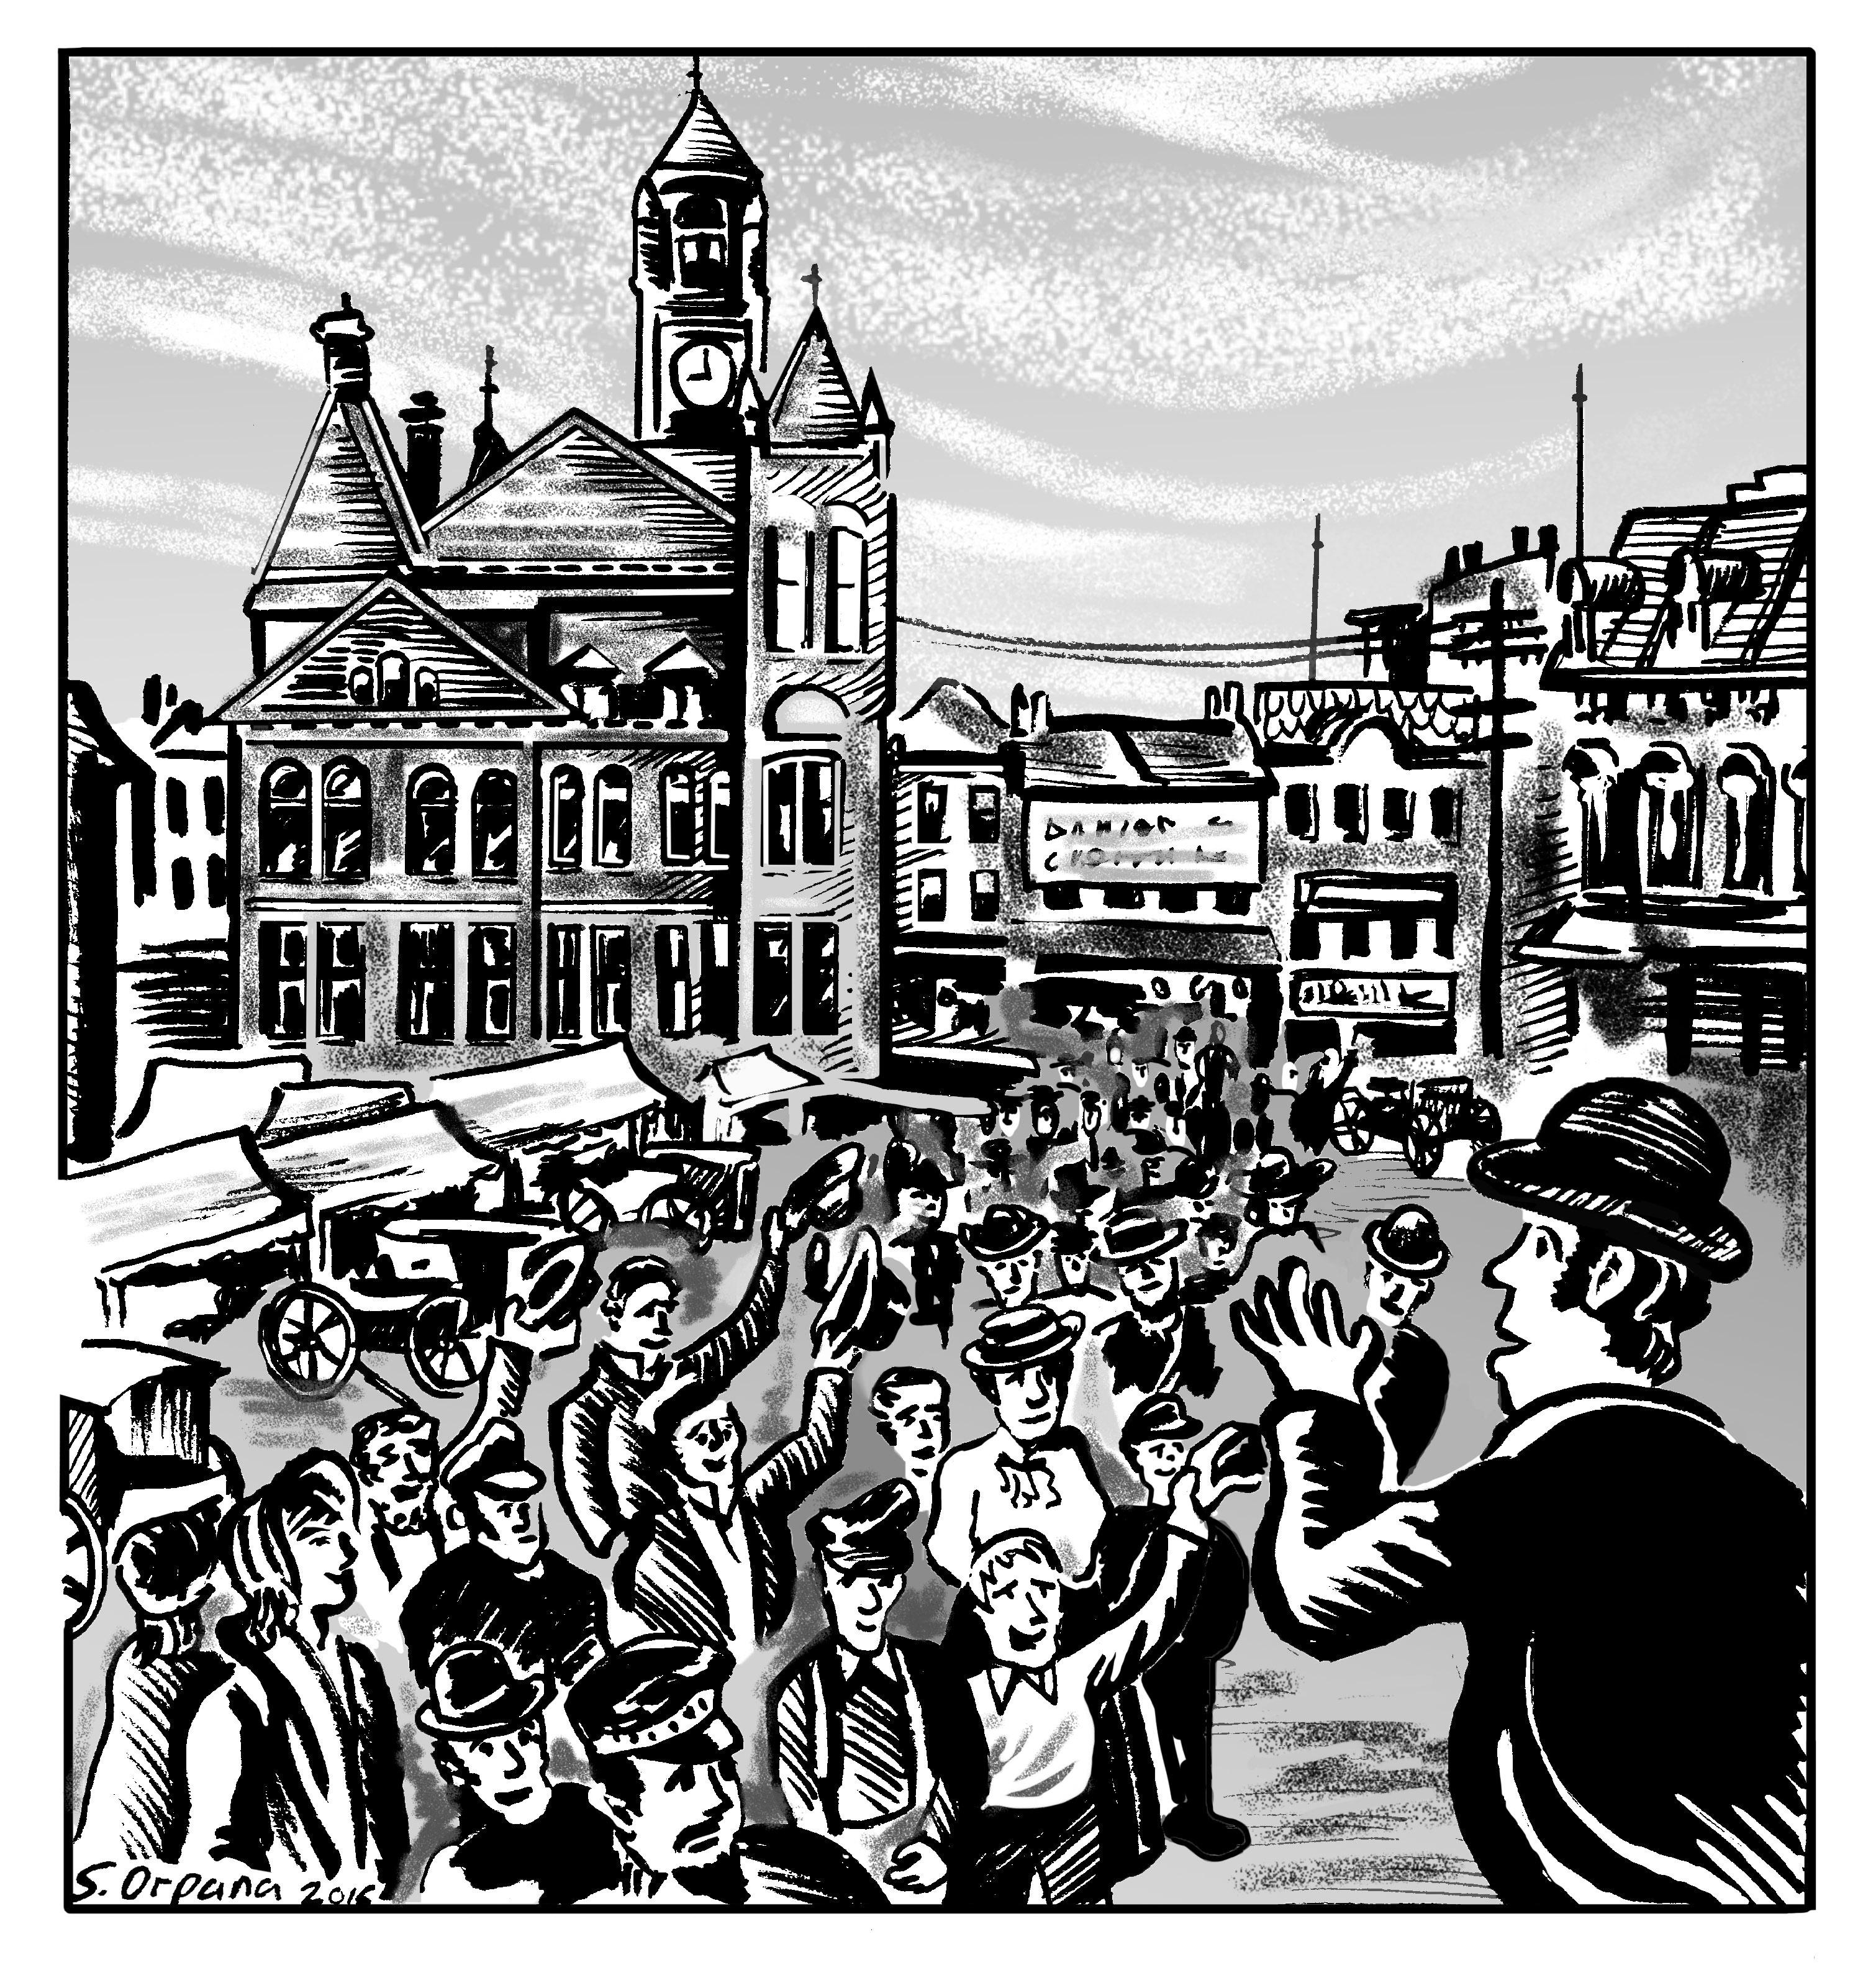 Illustration de James Ryan s'adressant à une foule à la place Old Market. On voit James Ryan de profil tandis qu'il se tient devant une foule de spectateurs au centre du marché. Aux bords de l'image, on peut aussi voir des étals extérieurs temporaires, ainsi que des bâtiments commerciaux.